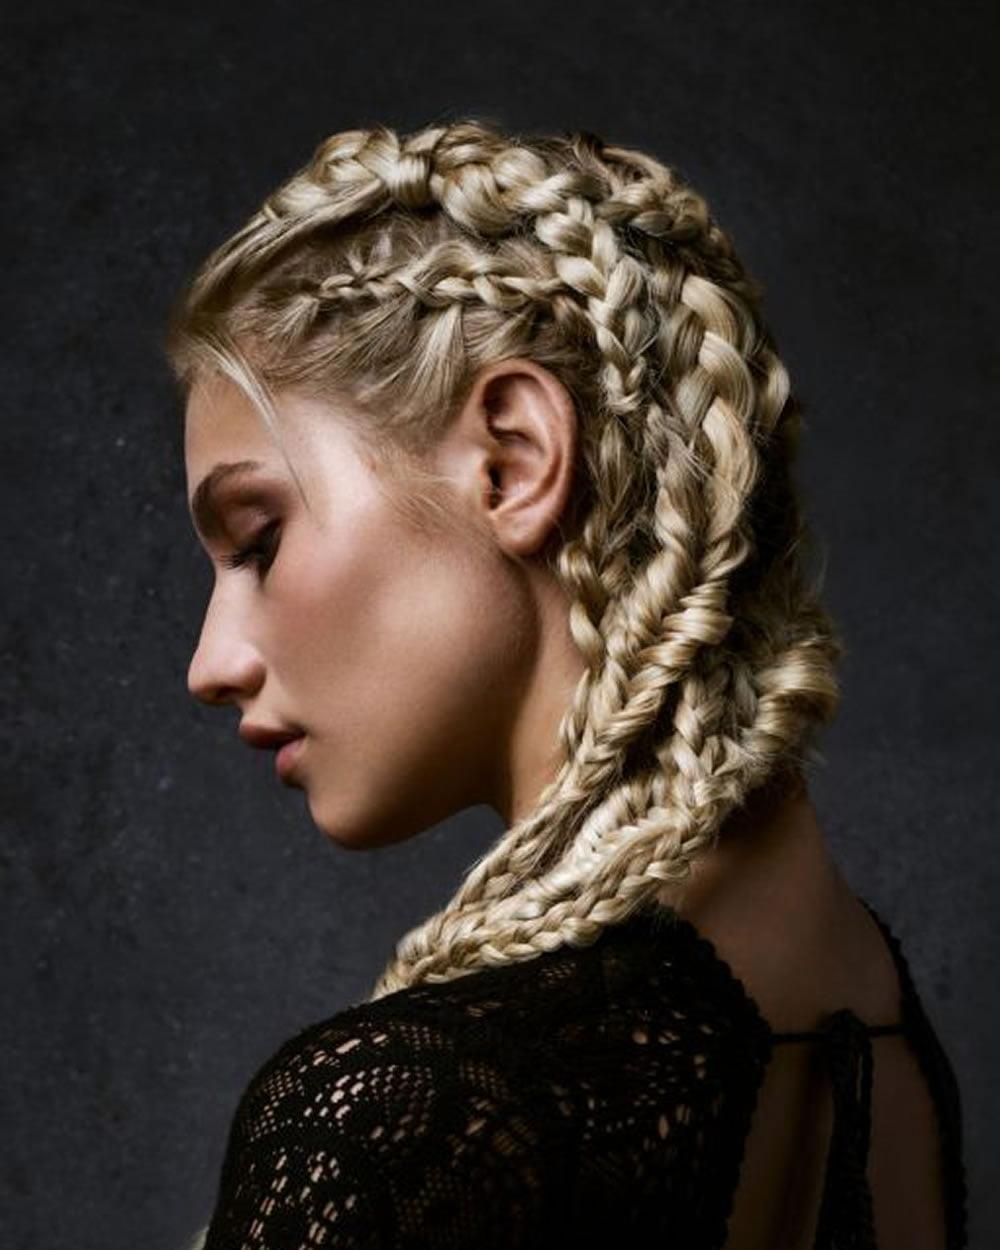 2018 braided hairstyles – 22 creative and easy braids hair ideas